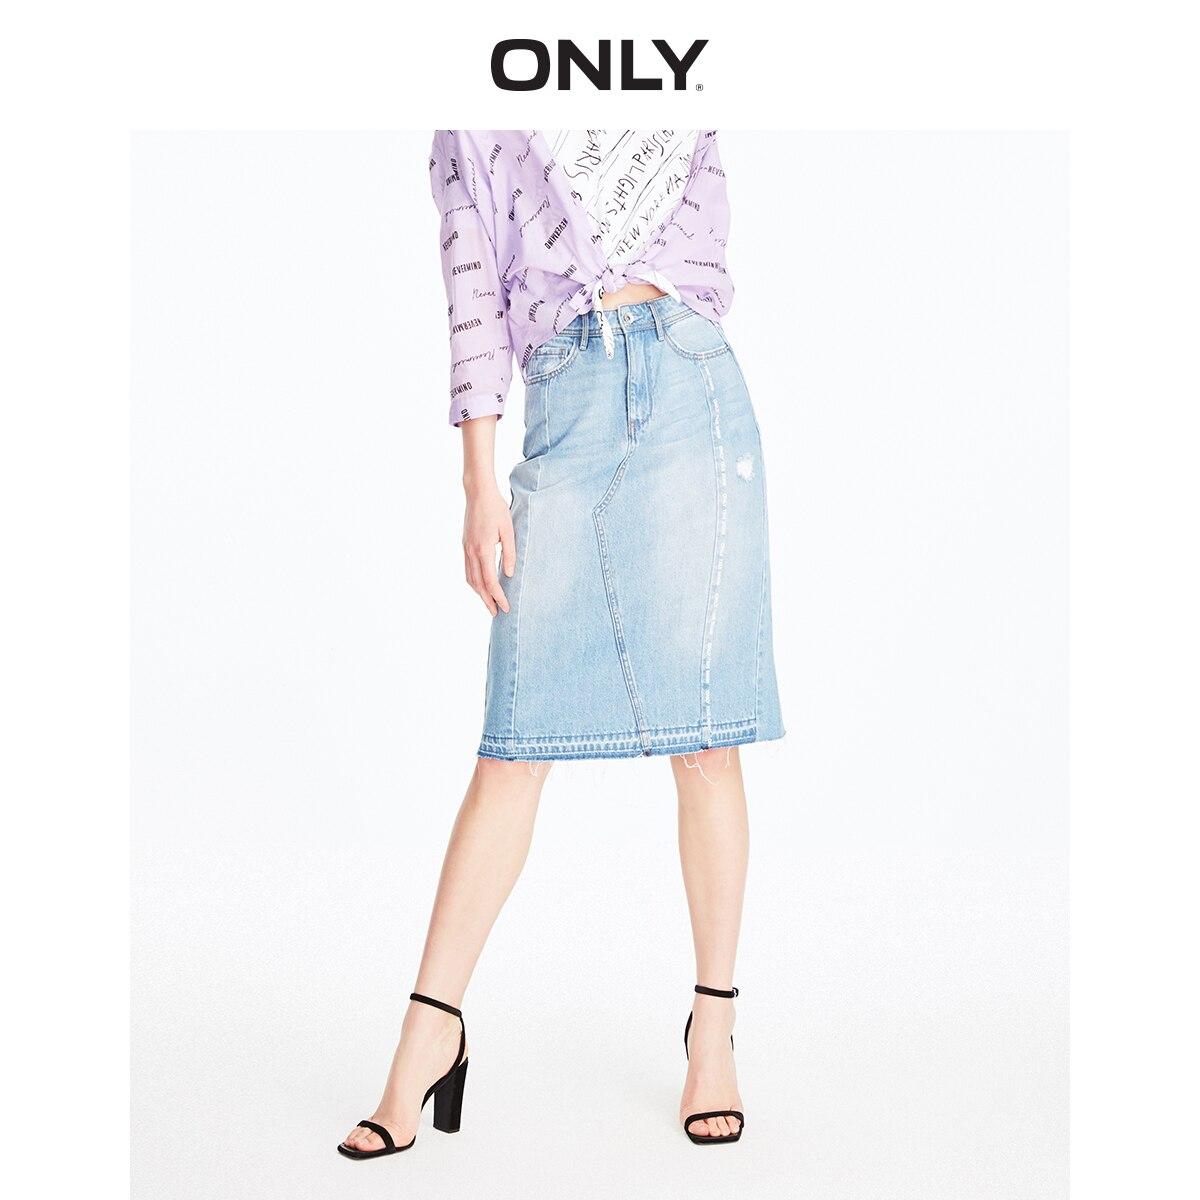 ONLY Women's 100% Cotton Letter Print High-rise Denim Skirt | 119237513